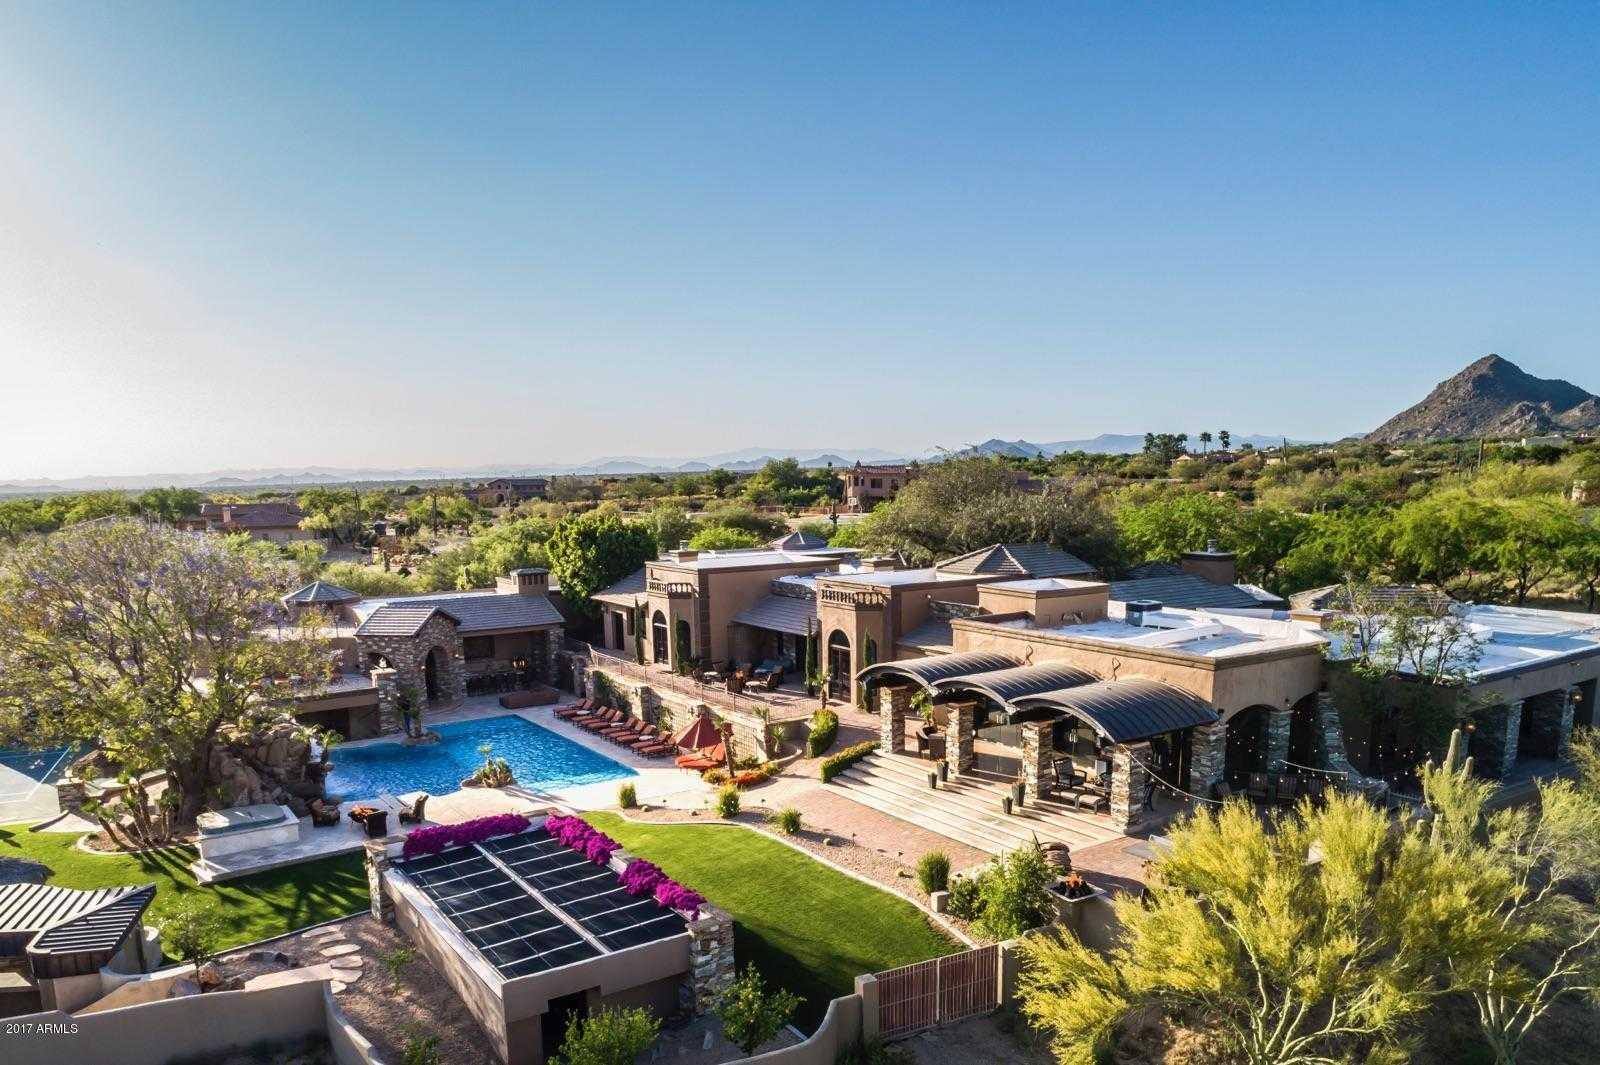 $7,299,000 - 7Br/10Ba - Home for Sale in Pinnacle Peak Heights, Scottsdale